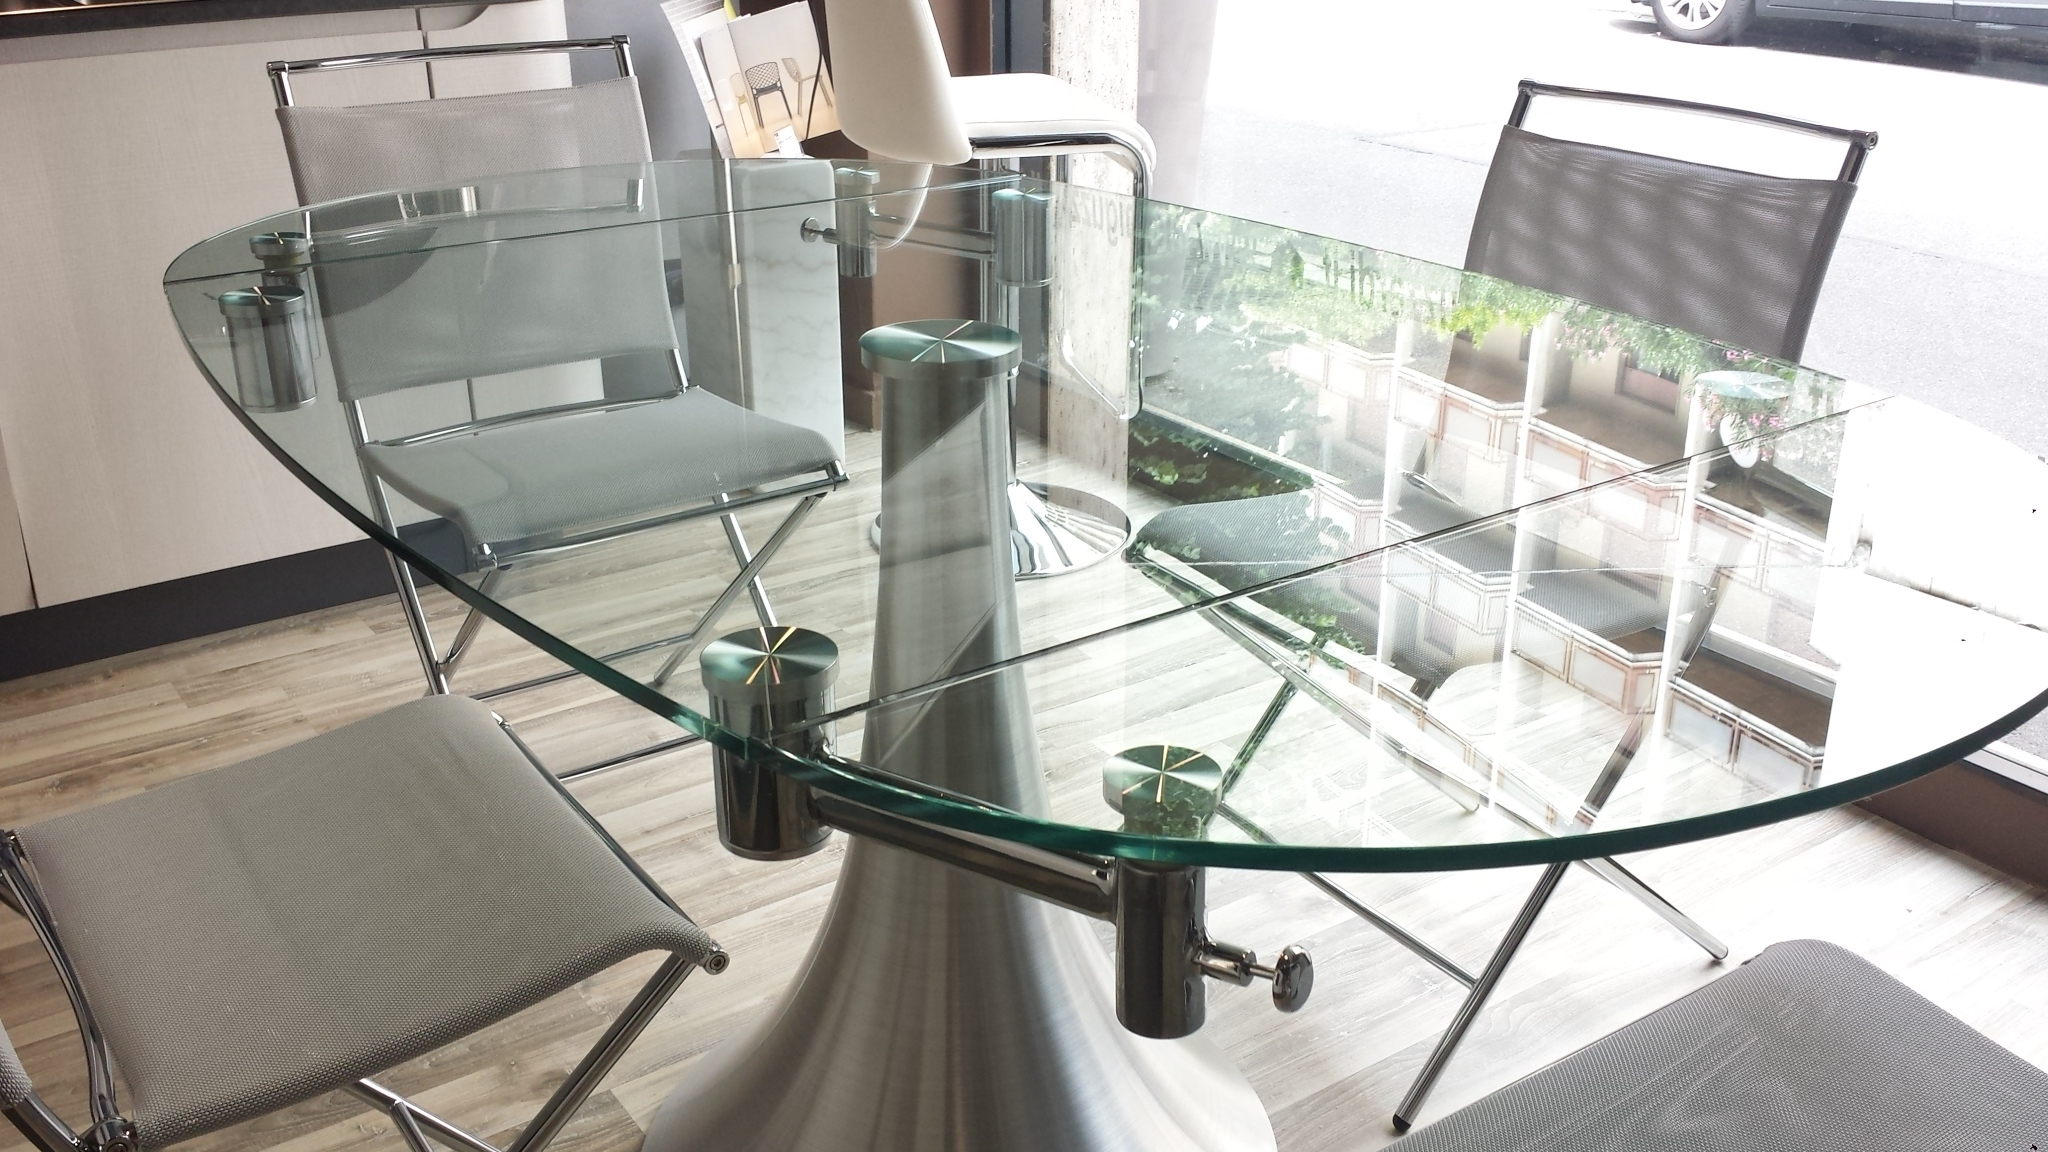 Pozzoli tavolo flute rotondo allungabile vetro tavoli a for Tavolo pranzo cristallo